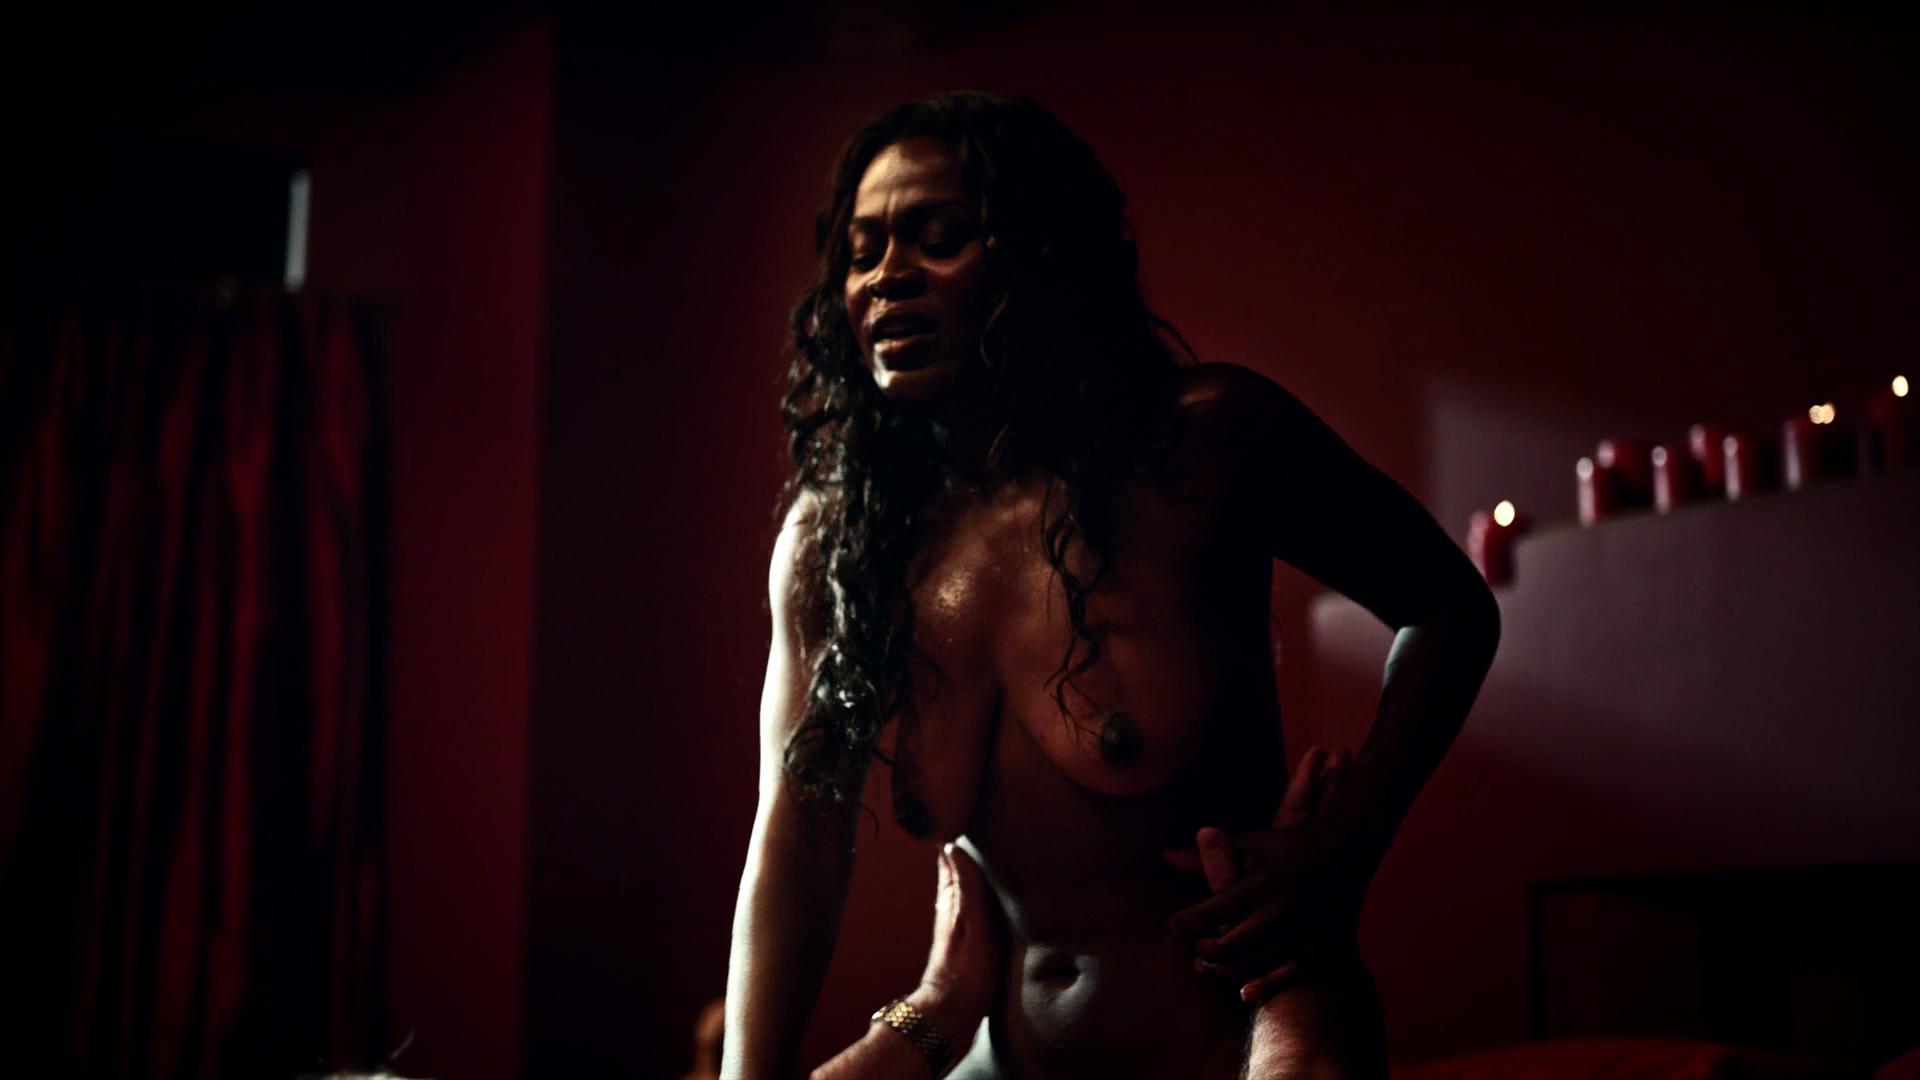 god-wars-series-nudity